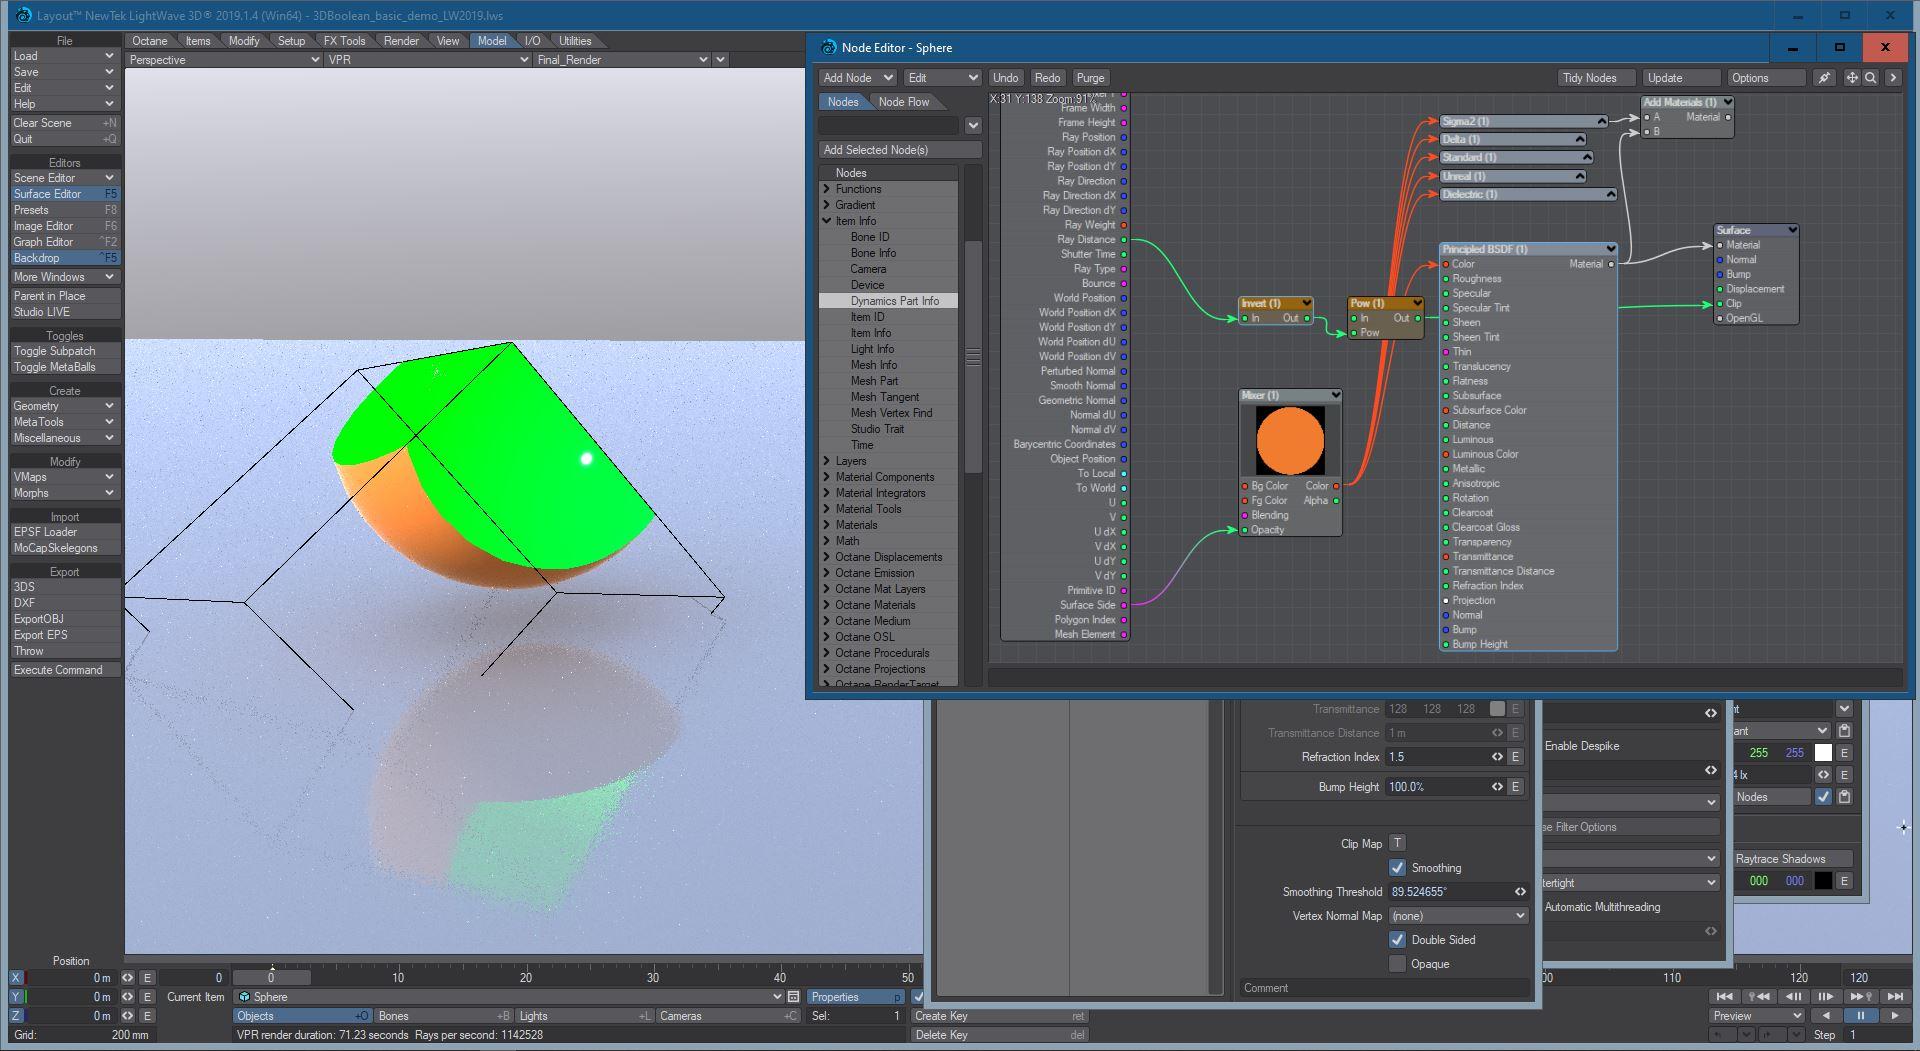 Nome: 2020-02-14 14_24_37-Layout™ NewTek LightWave 3D® 2019.1.4 (Win64) - 3DBoolean_basic_demo_LW2019..jpg Visite: 172 Dimensione: 262.1 KB